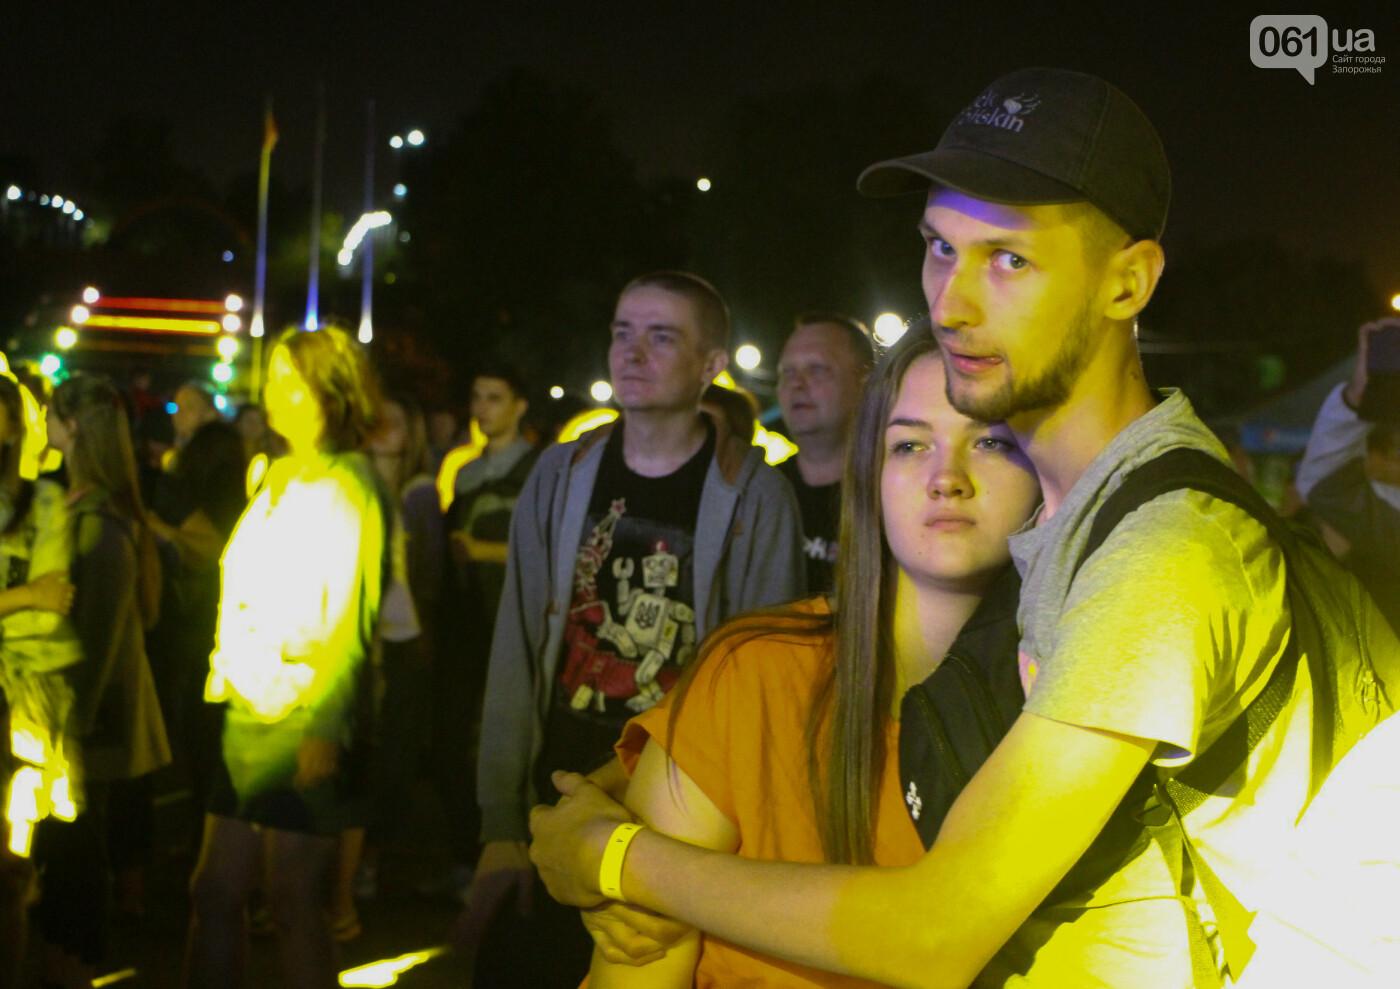 Концерт группы «Жадан і Собаки» собрал сотни запорожцев: как это было, - ФОТОРЕПОРТАЖ, фото-11